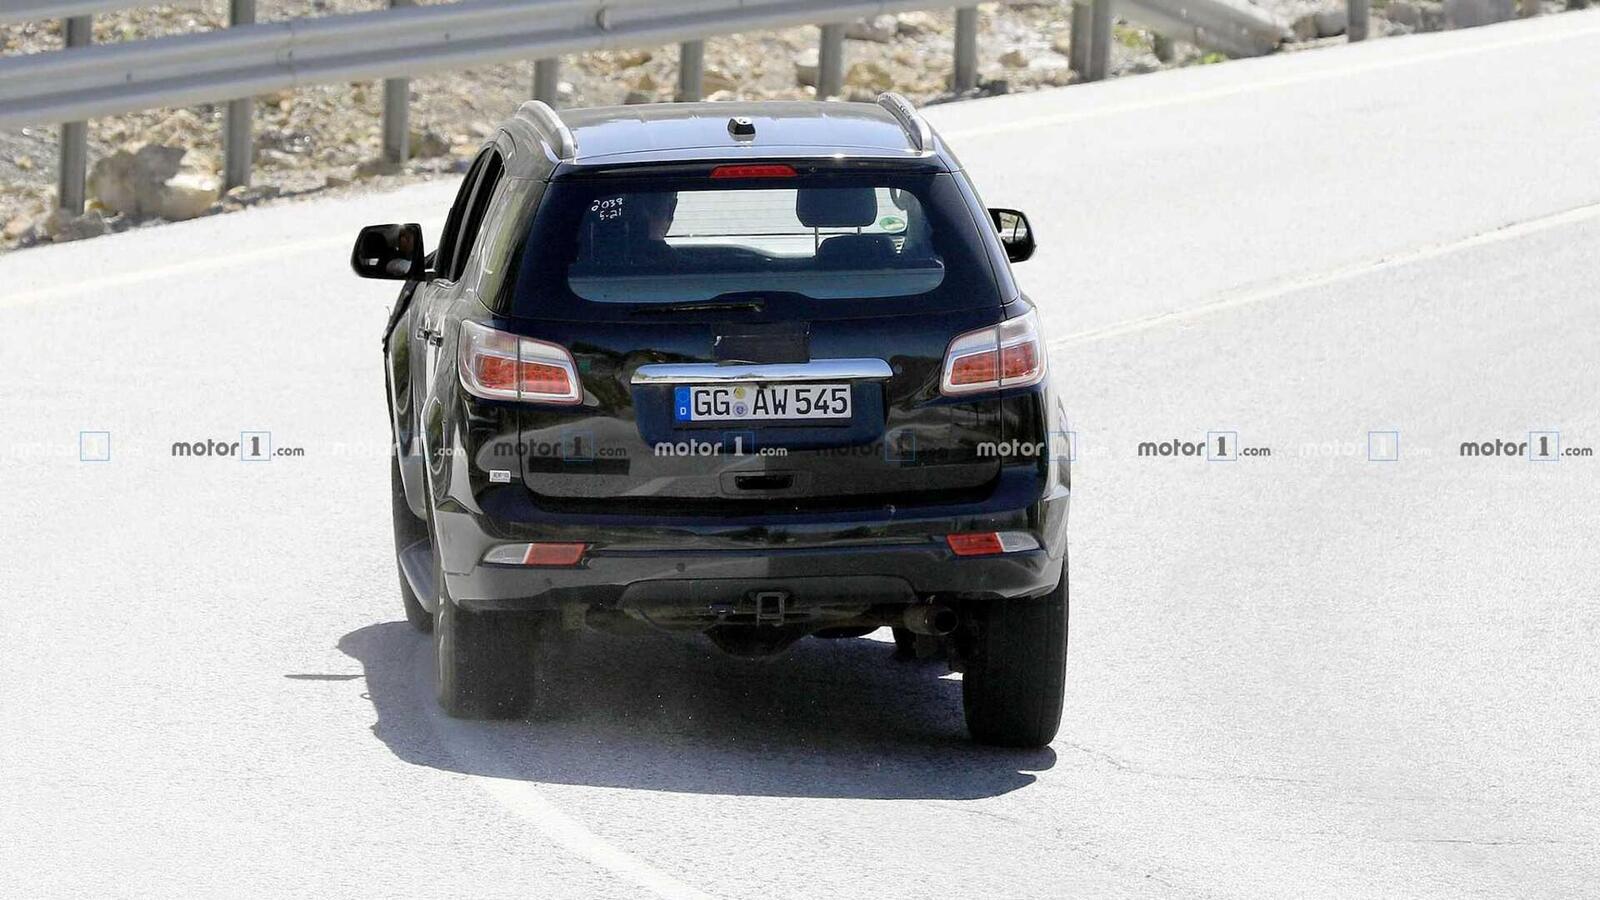 Chevrolet đang nâng cấp cho Trailblazer và có thể đưa về Mỹ trong tương lai gần - Hình 10